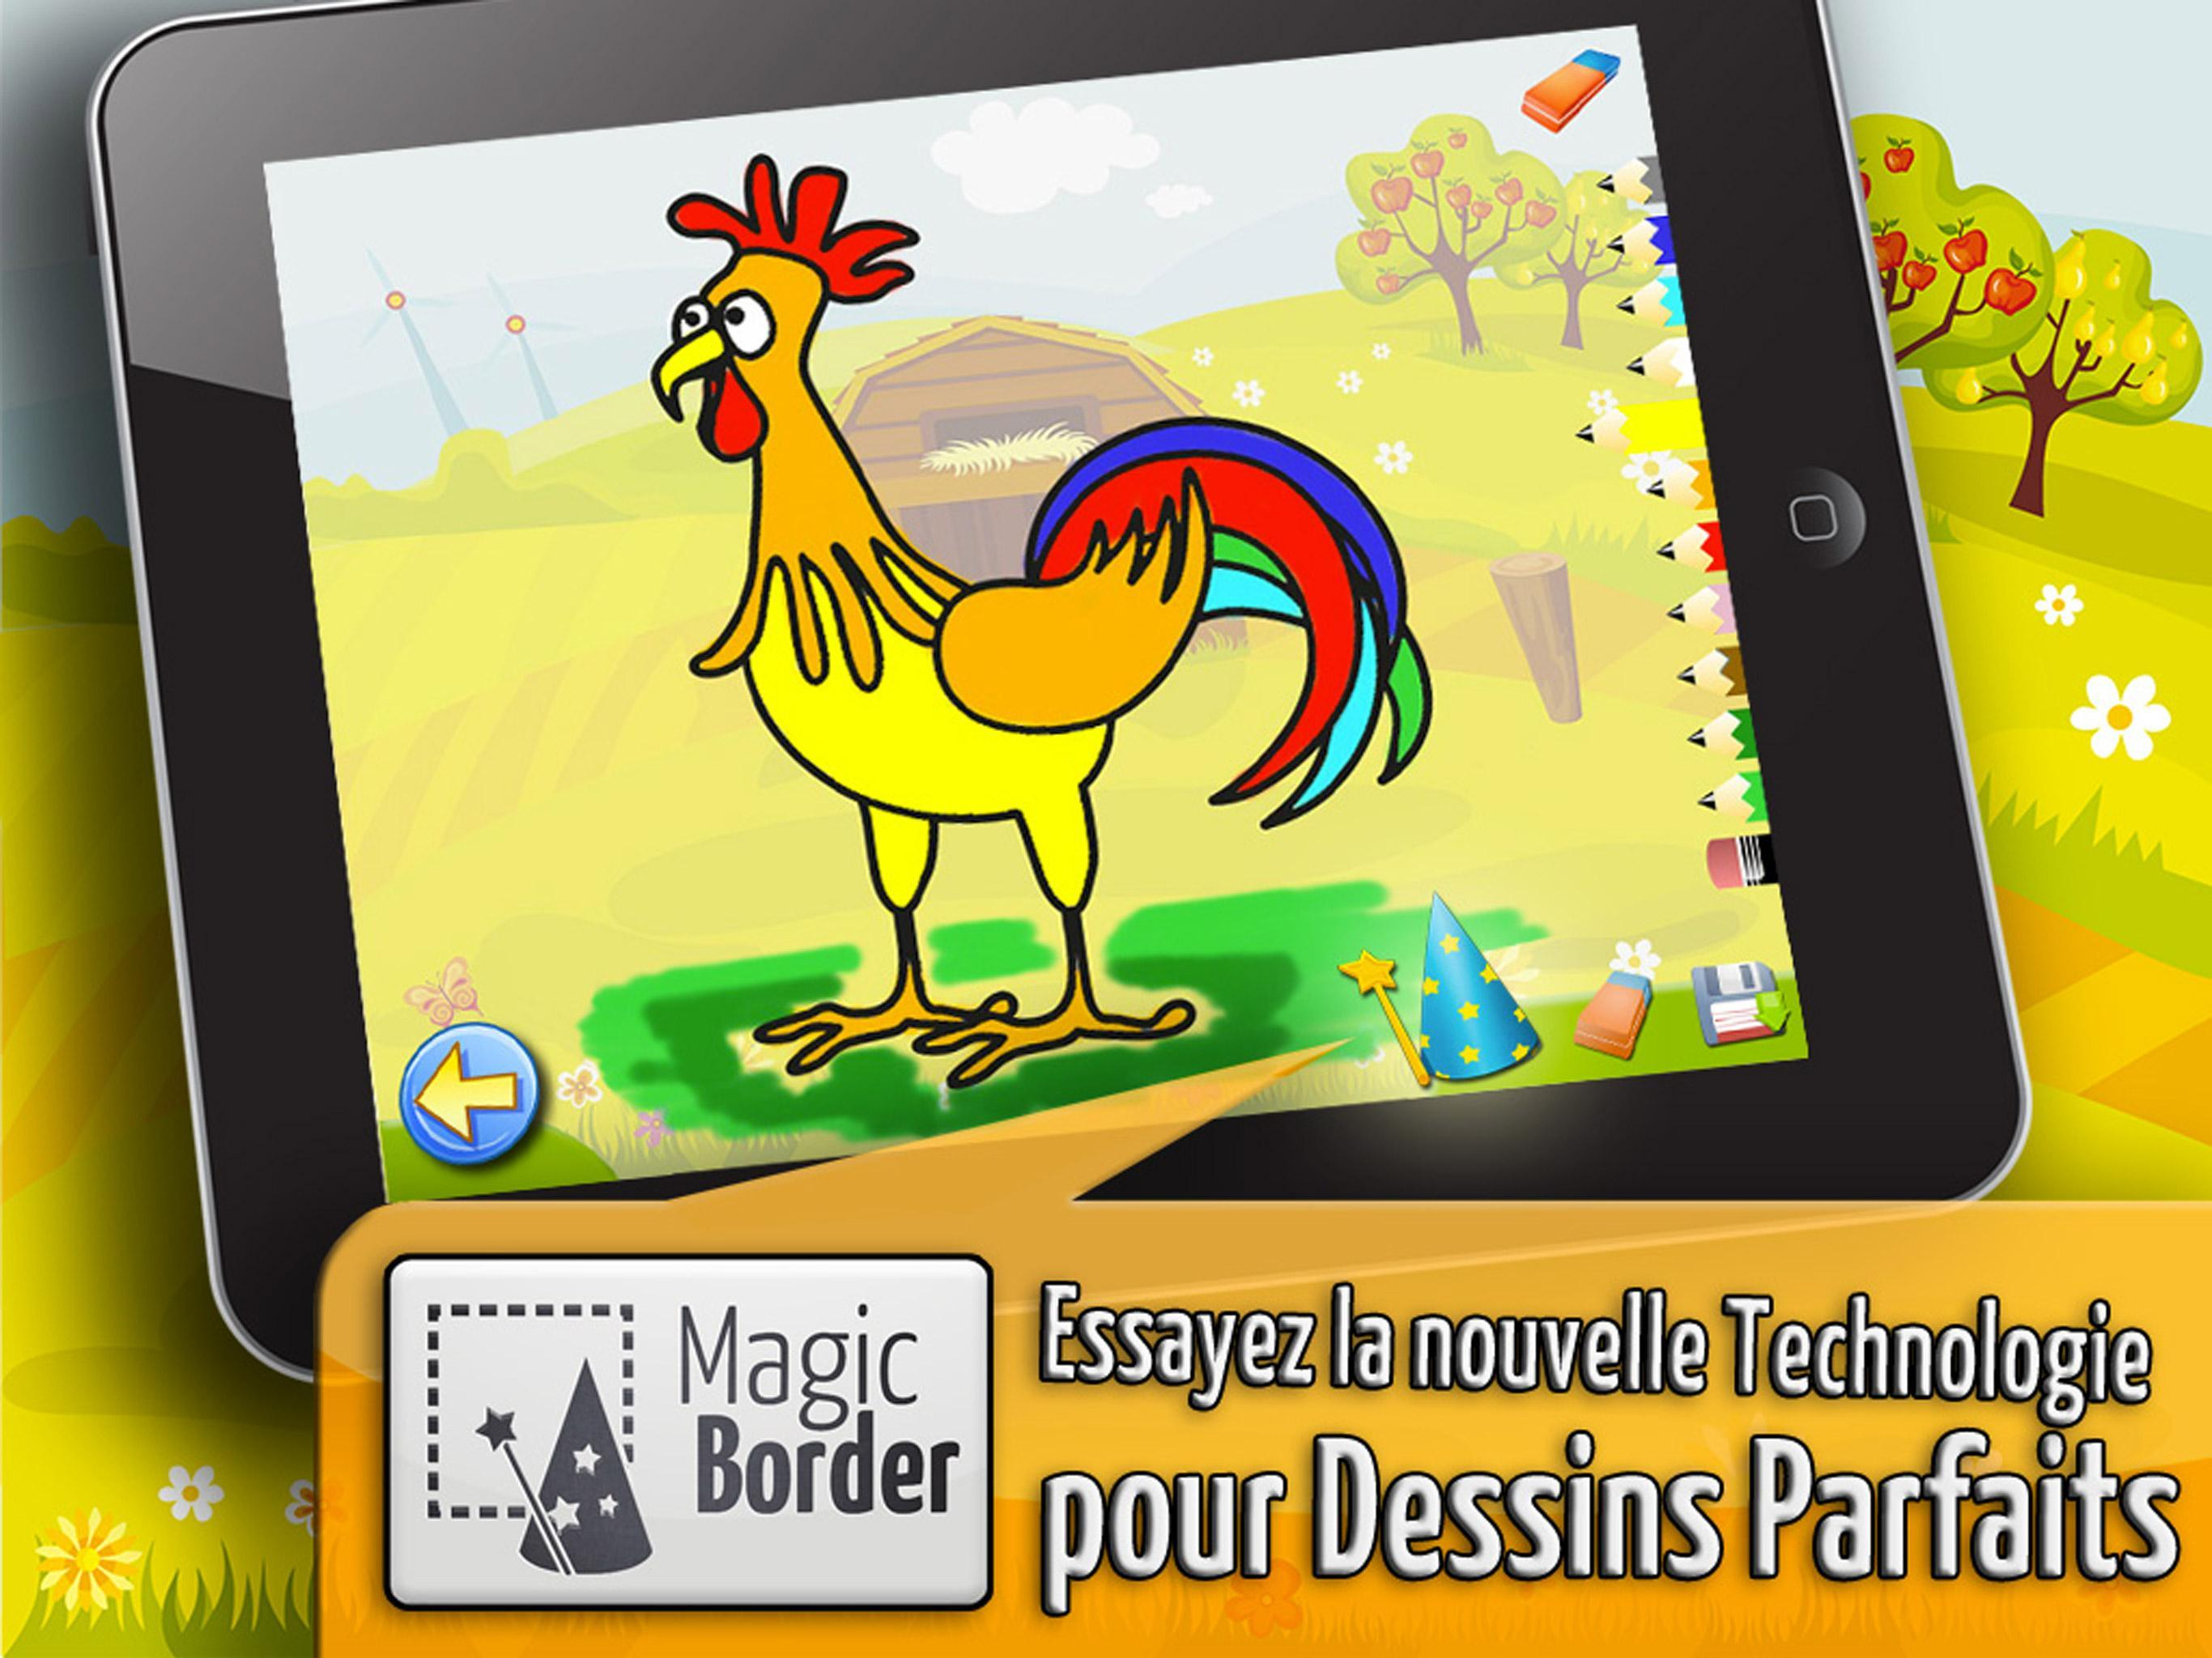 Jeux Pour Enfants Et Bebe 3+ Ans Gratuit: Ferme Pour Android serapportantà Jeux Enfant 3 Ans Gratuit